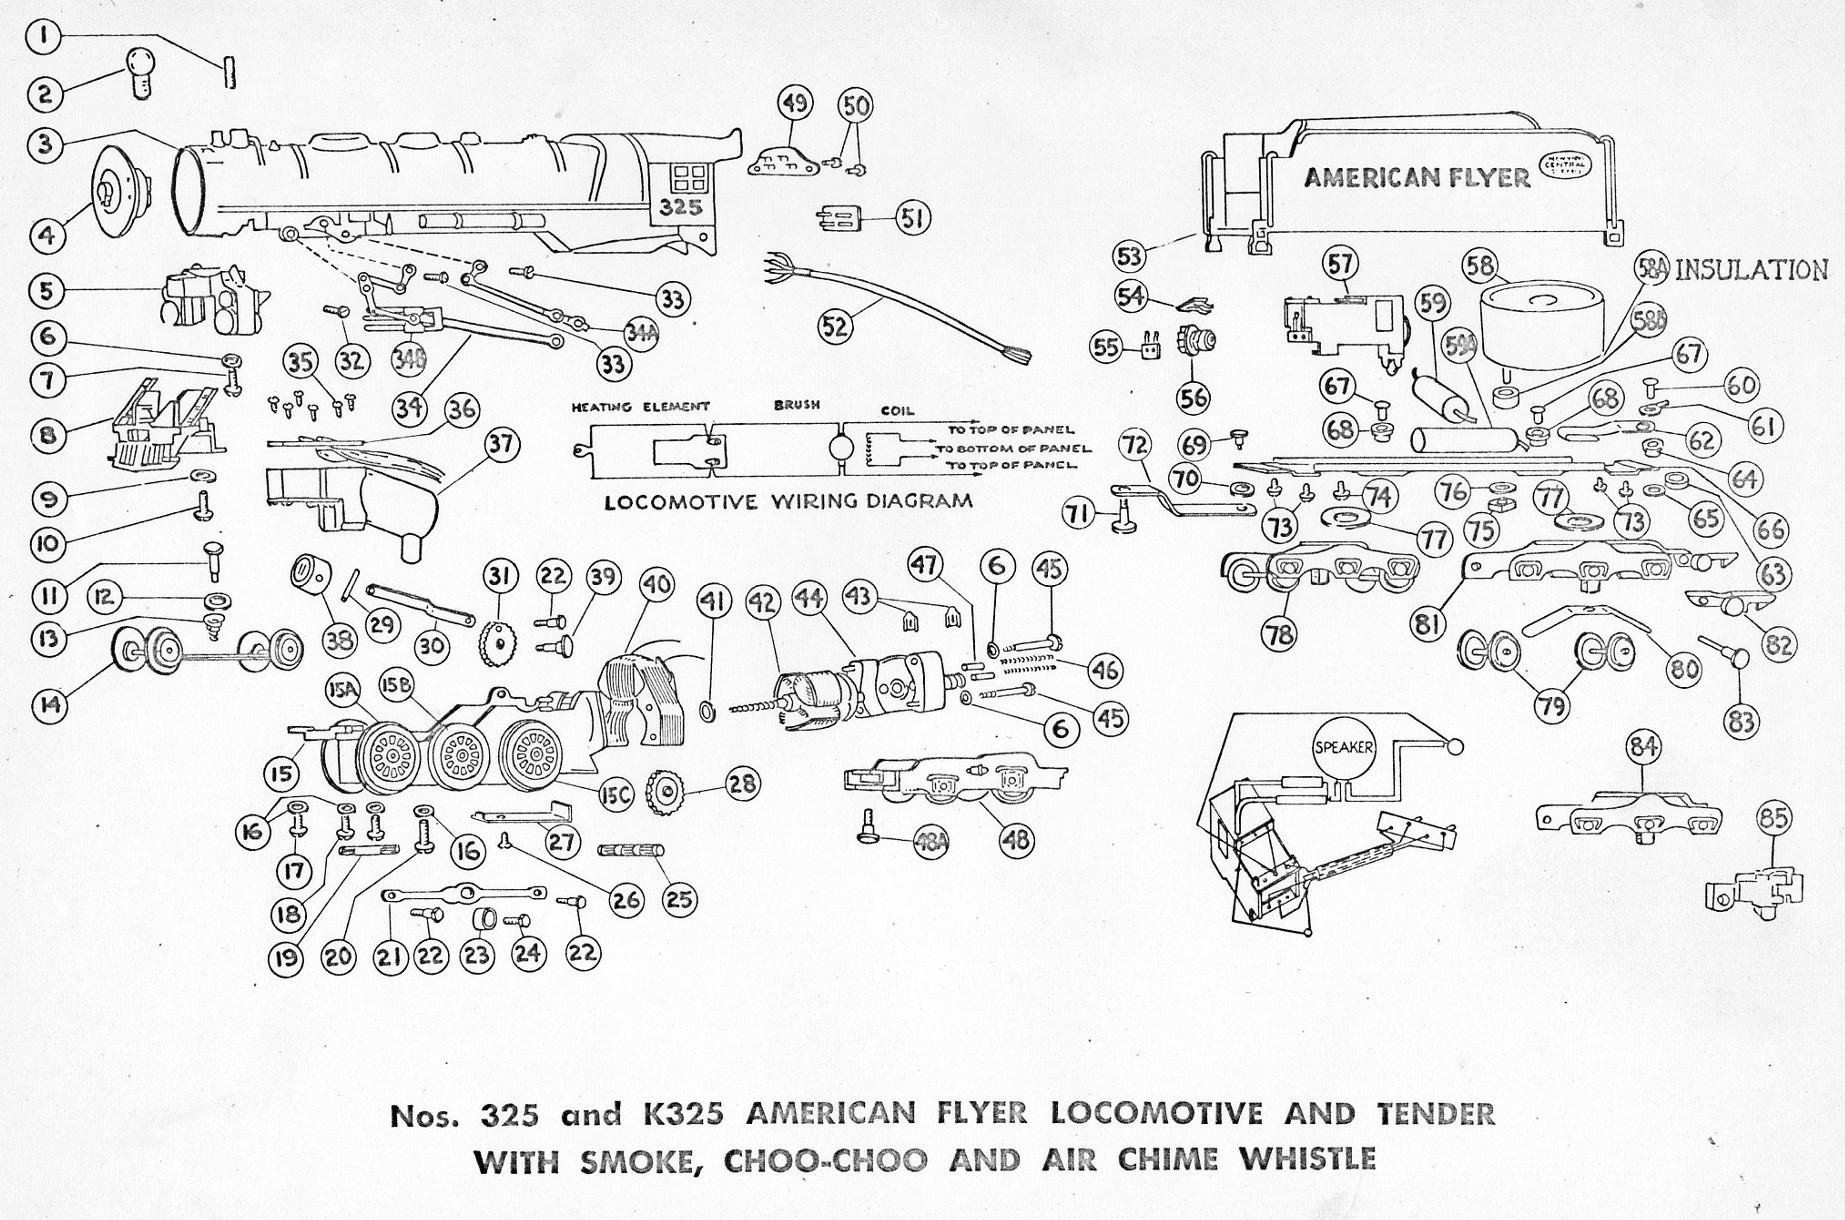 American Flyer K325 Parts Locomotive Wiring Diagrams